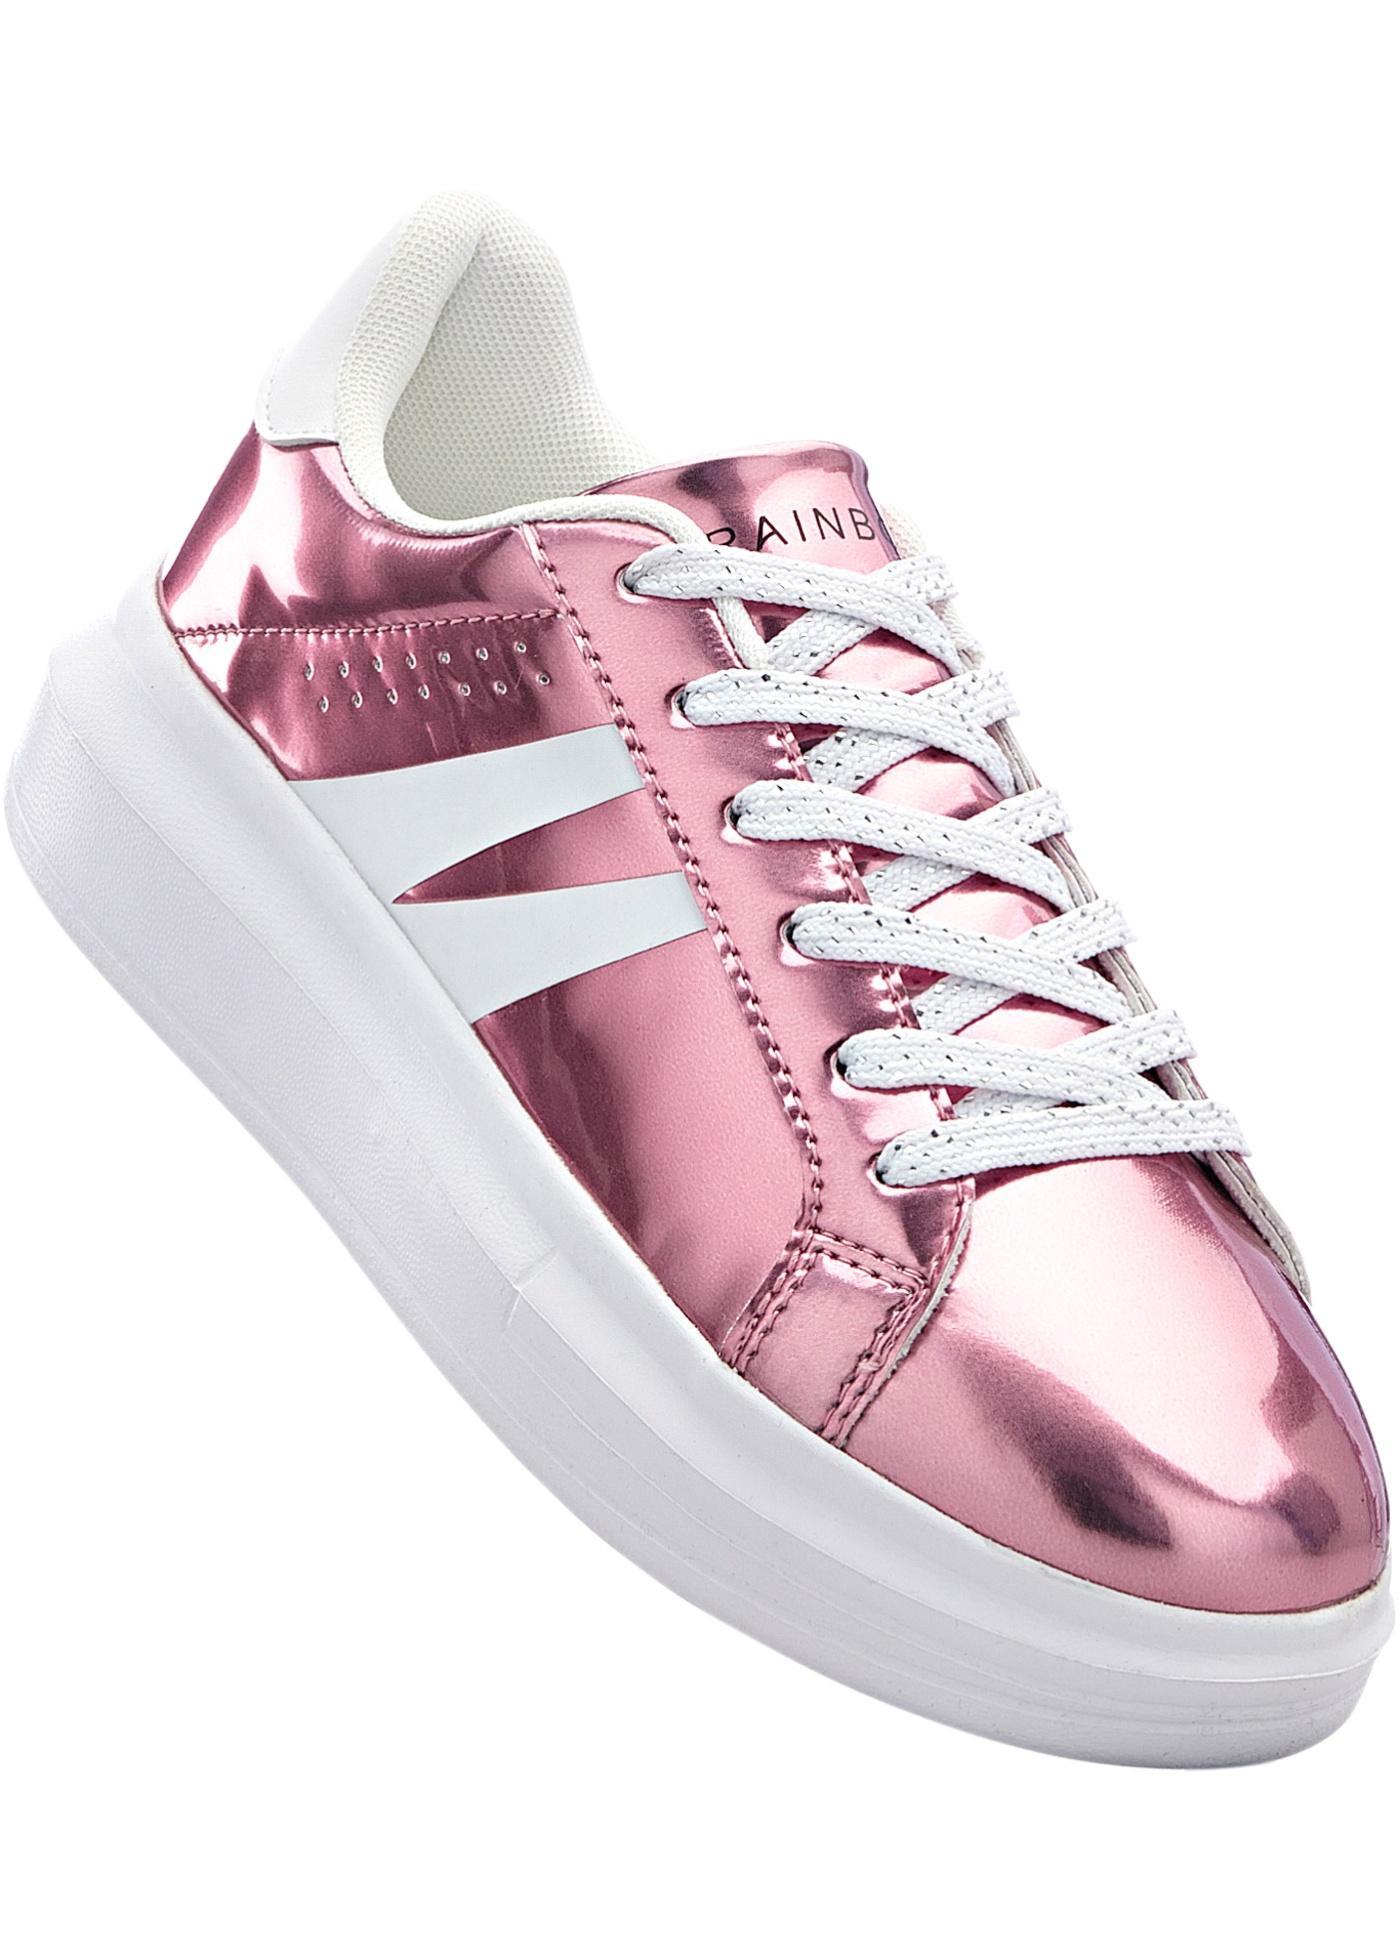 Sneakers à plateau avec semelle extérieure légère, aspect métallique.